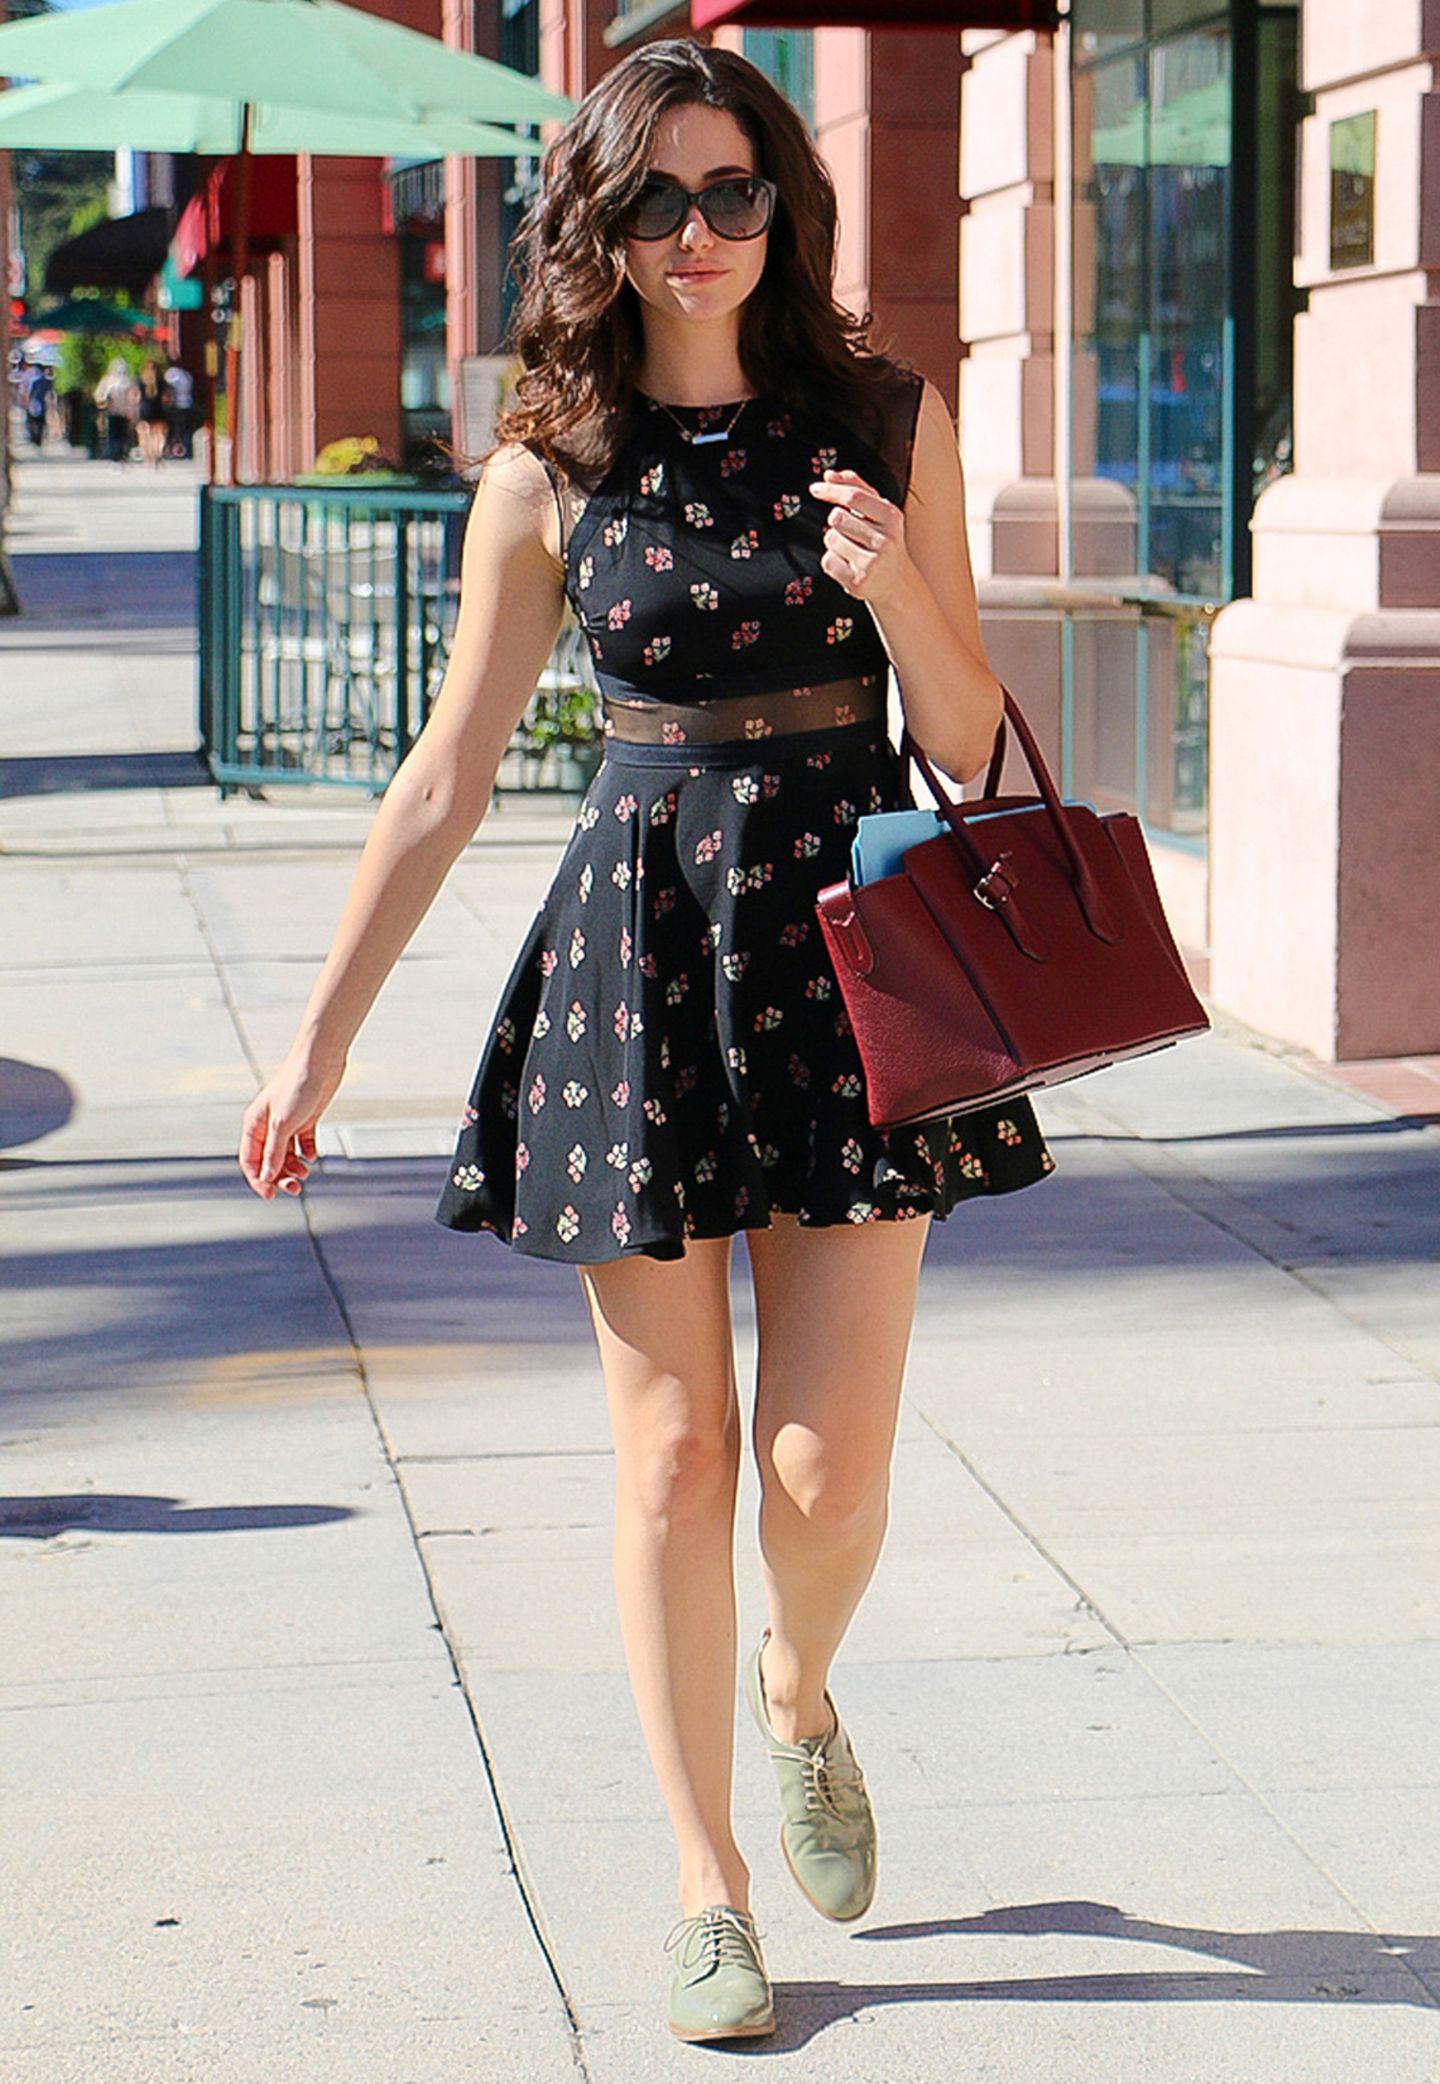 Das sommerliche Kleid von Emmy Rossum ist Eyecatcher genug, sodass die Schauspielerin dazu nur noch schlichte Accessoires wählt.